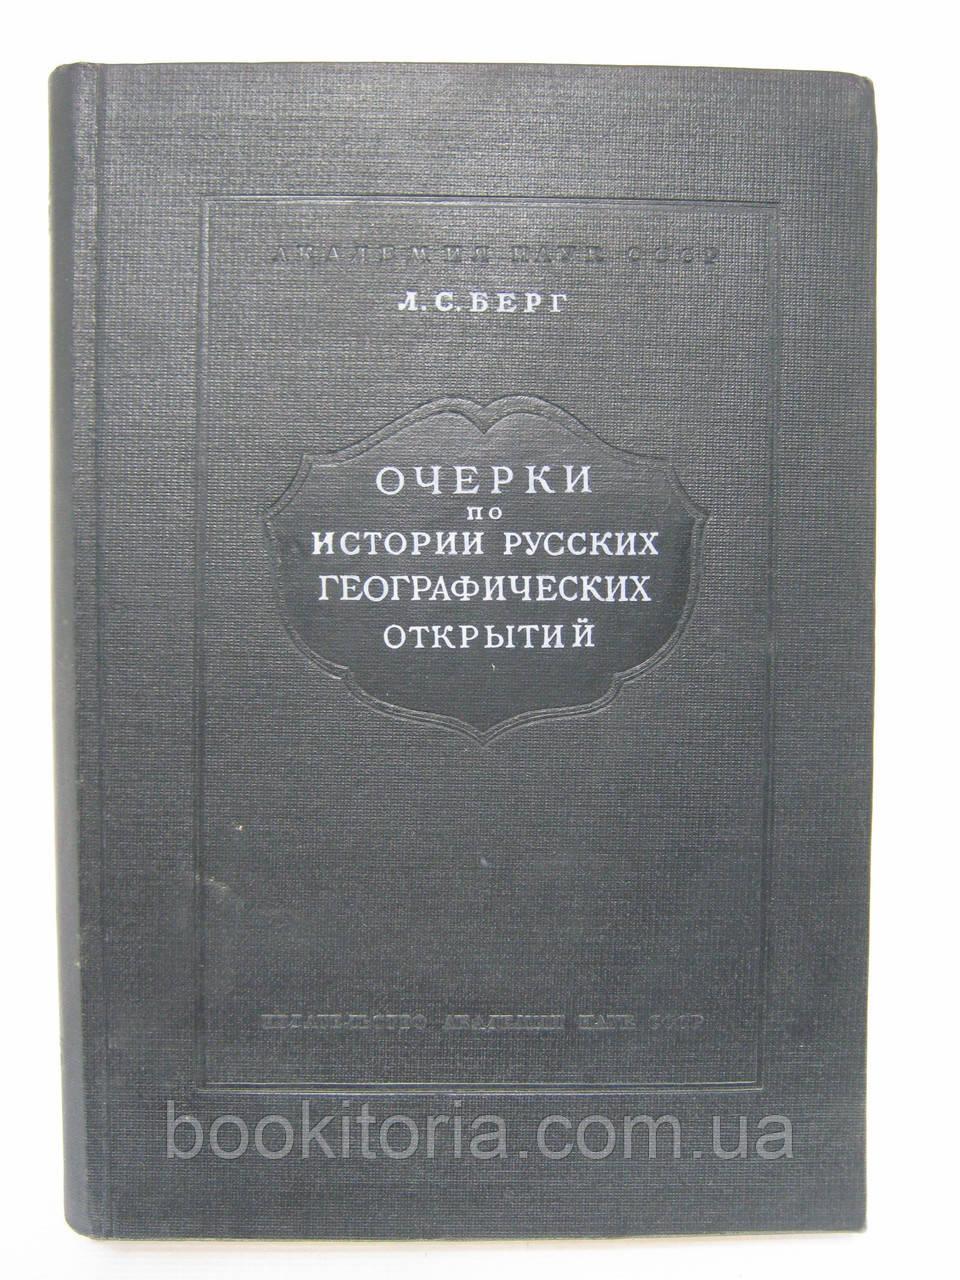 Берг Л.С. Очерки по истории русских географических открытий (б/у).